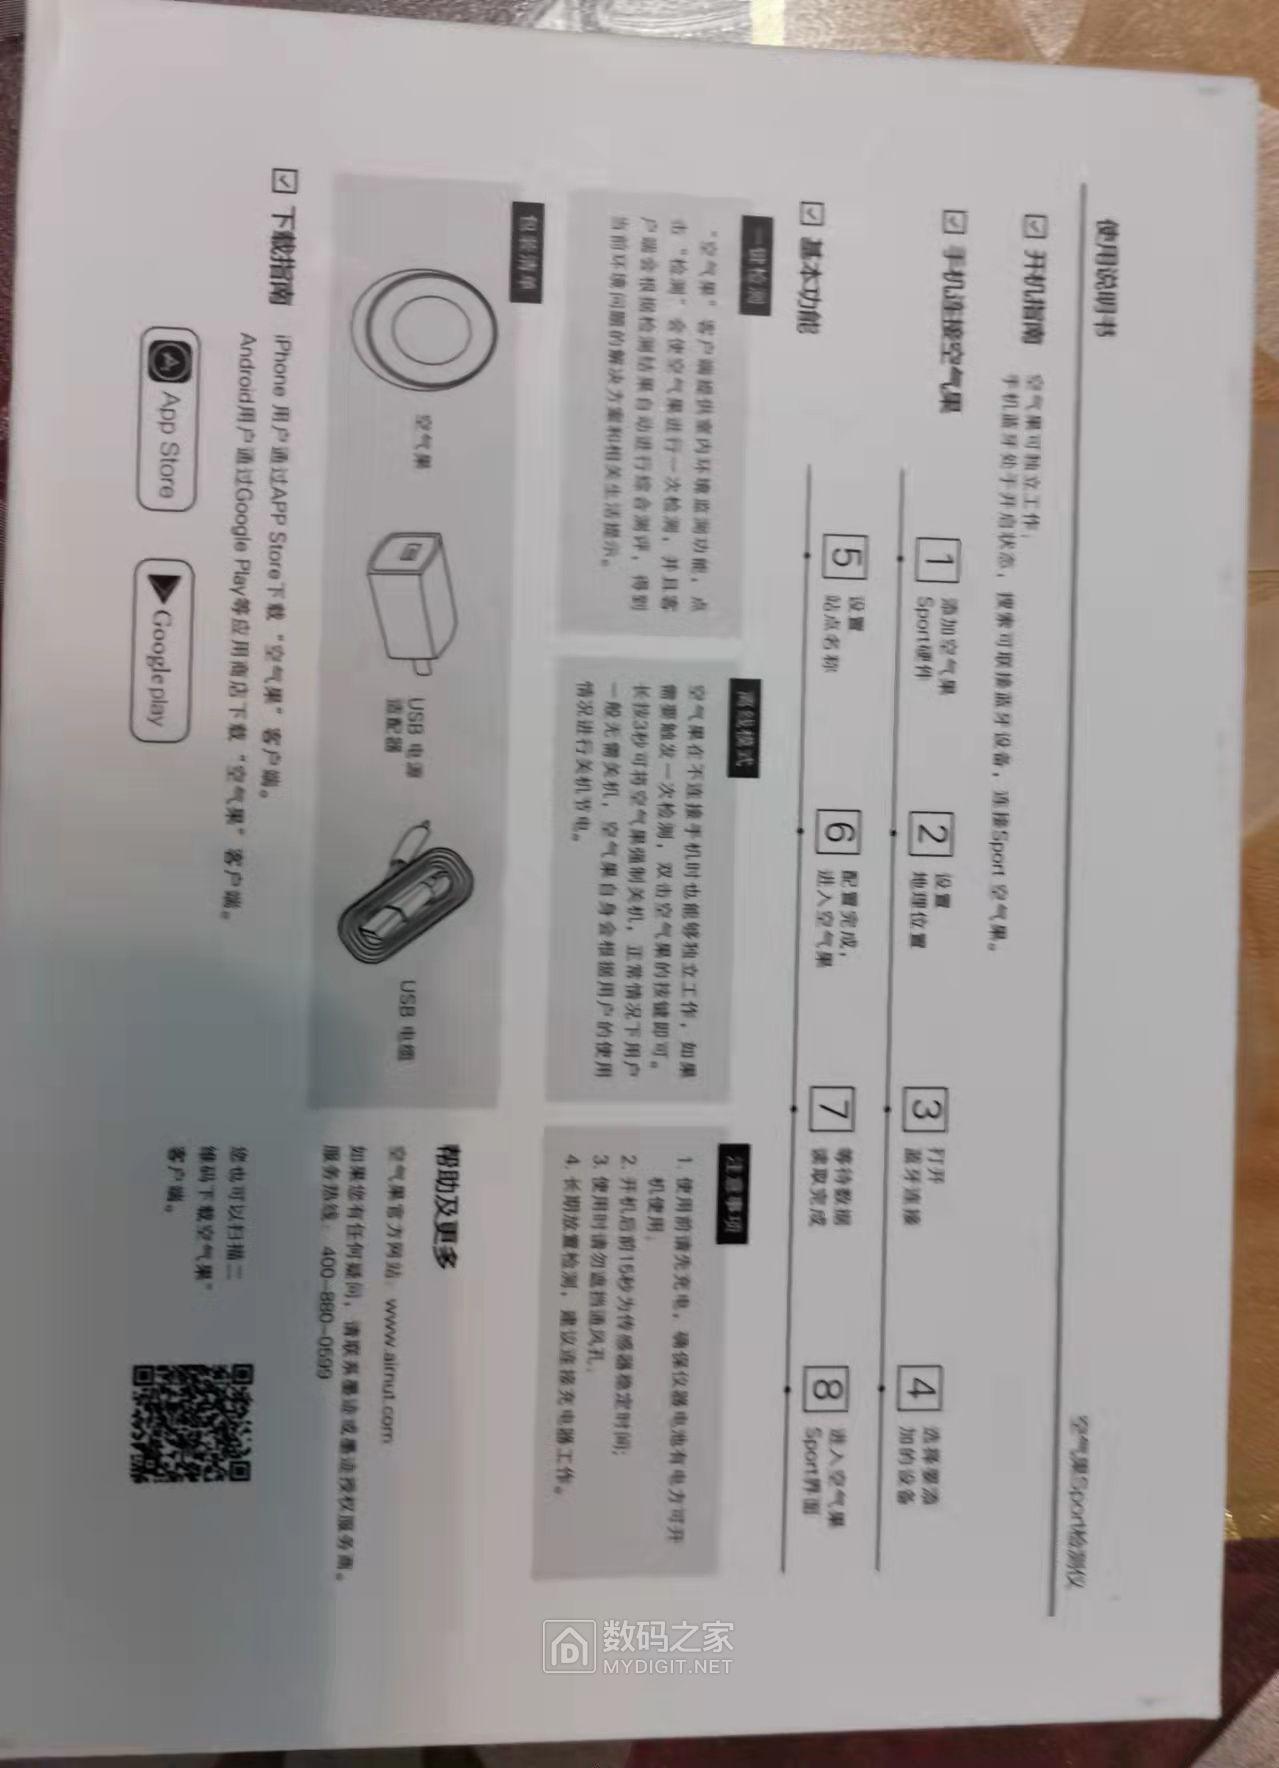 盖板加说明书,使用蓝牙连接手机,这款没有WIFI模块